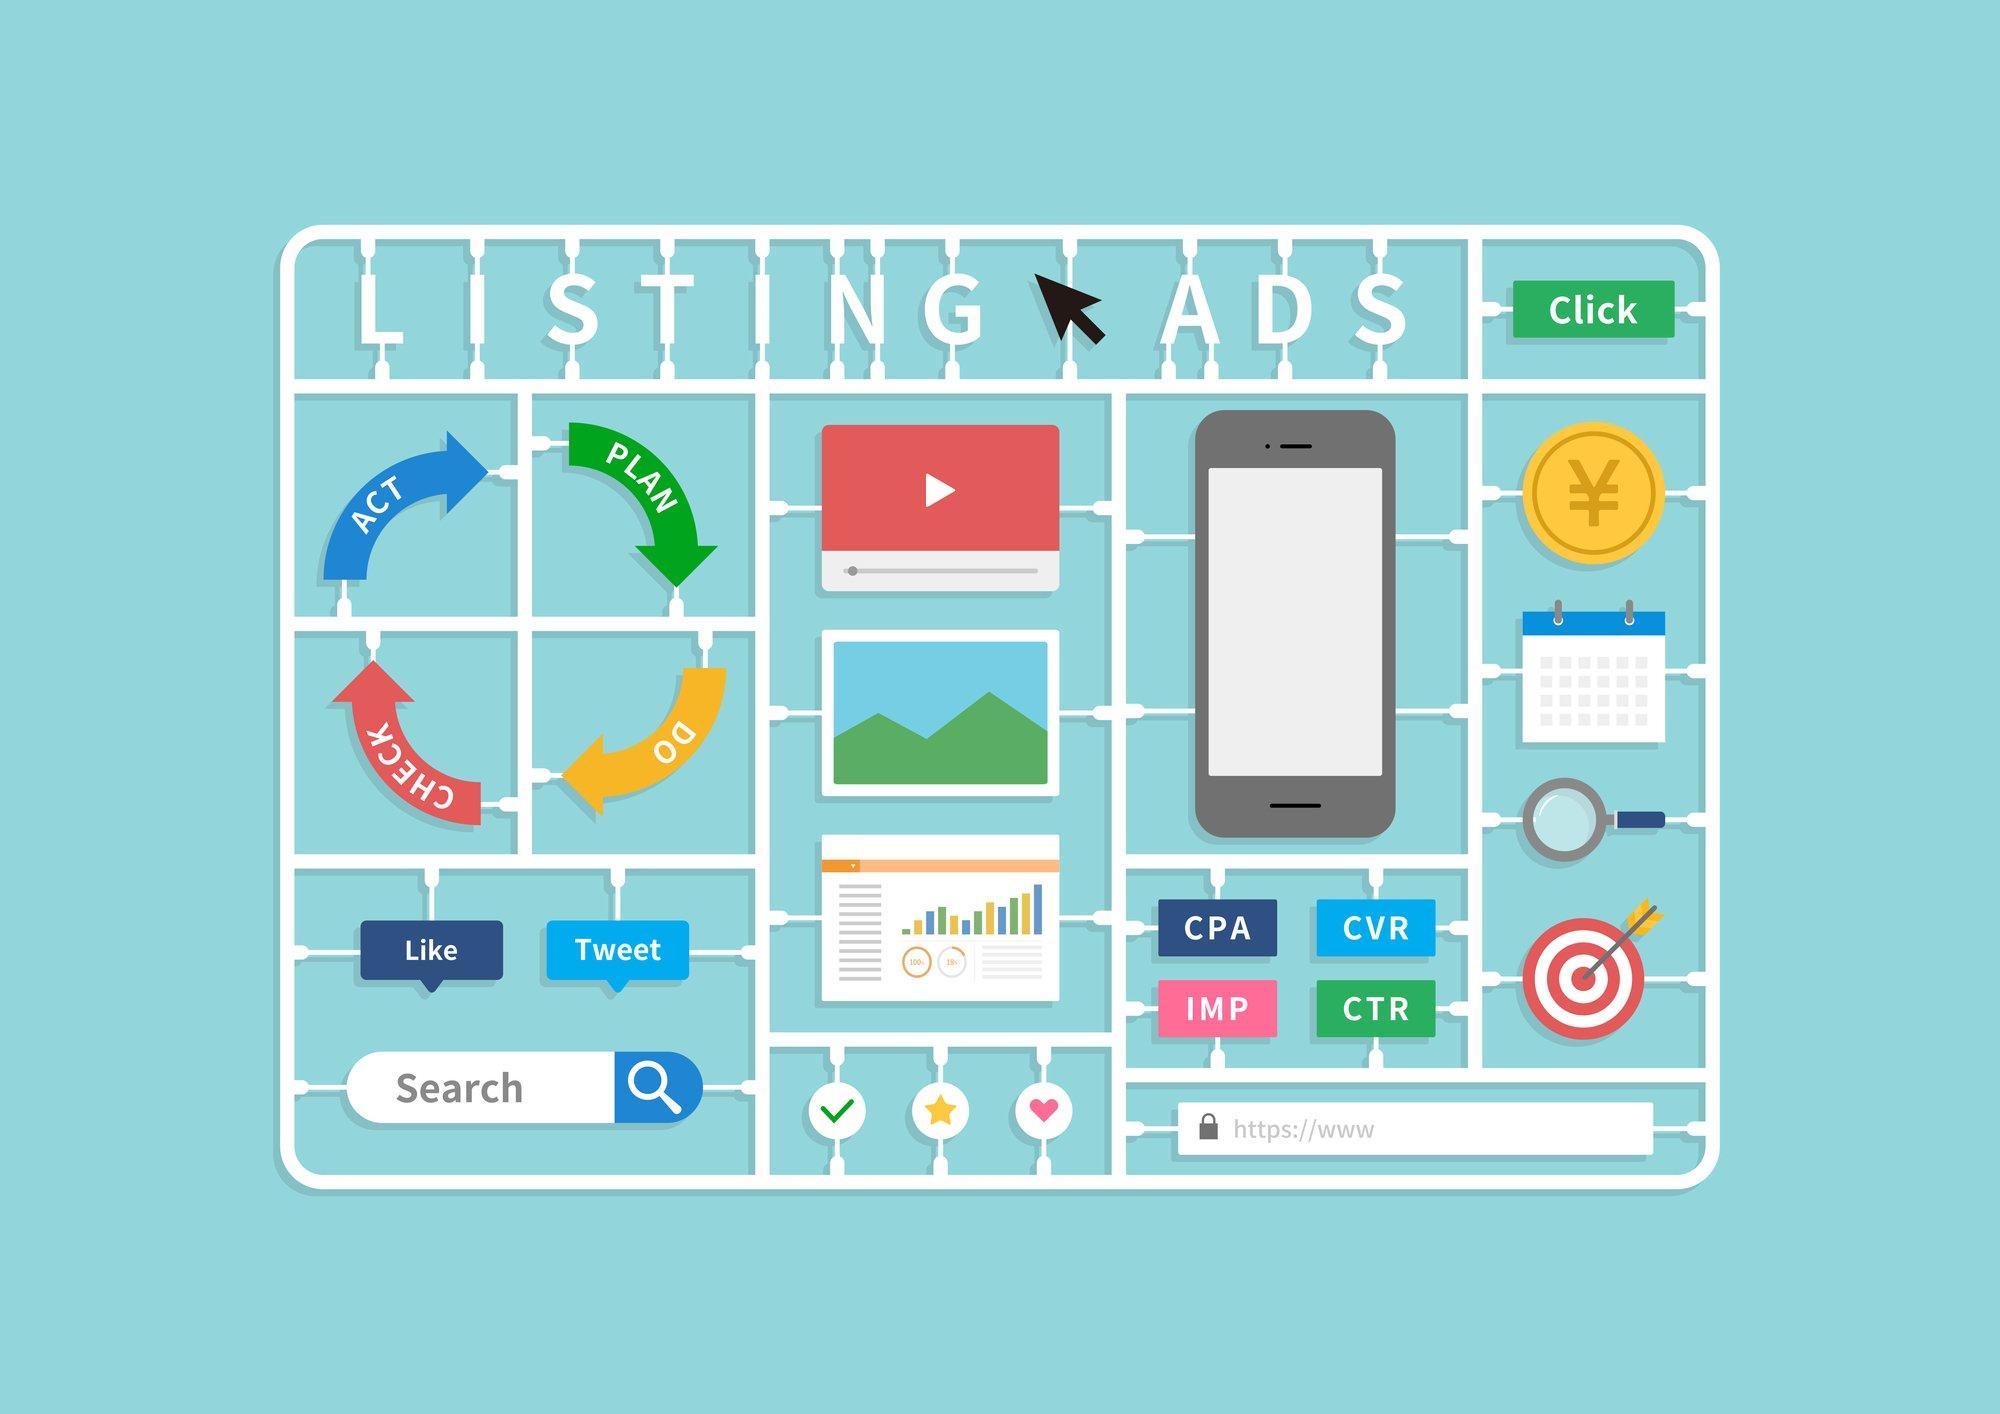 Web広告の課金方式7つを解説!仕組みやメリット・デメリットは?